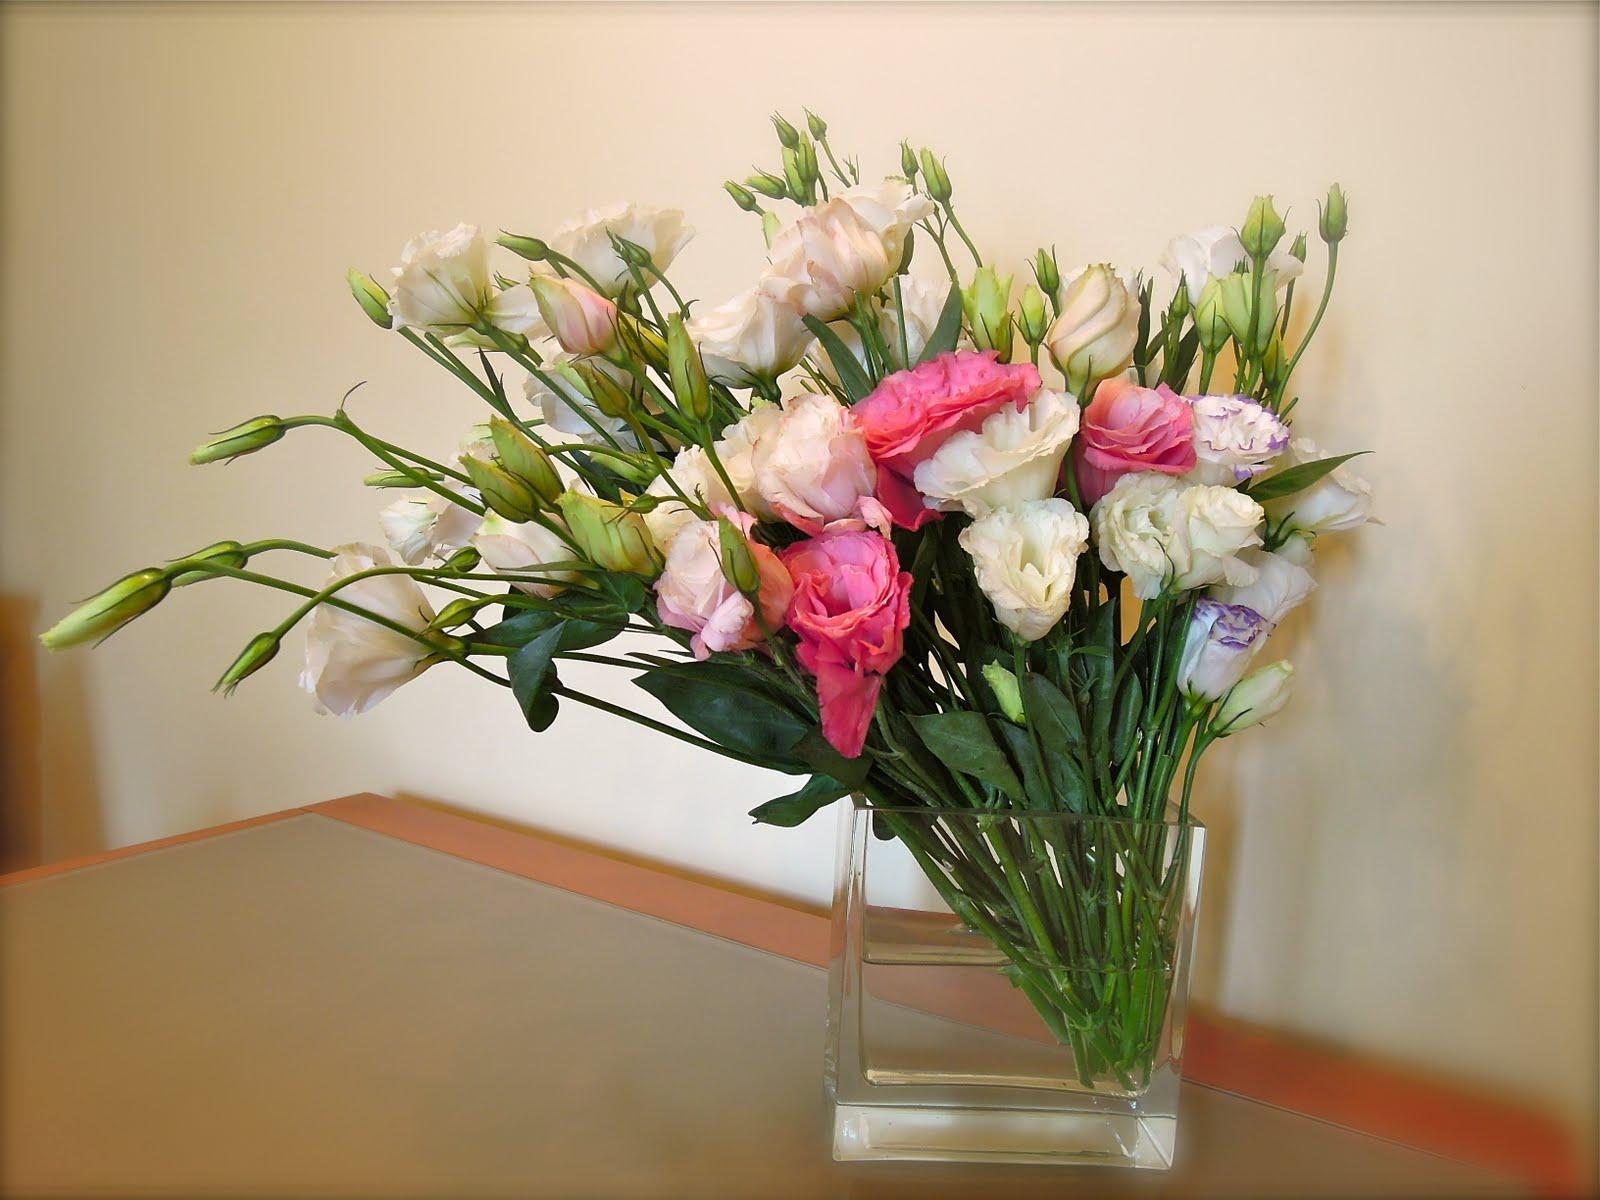 Planta sumergida Wikipedia, la enciclopedia libre - Imagenes De Flores Sumergidas En Agua